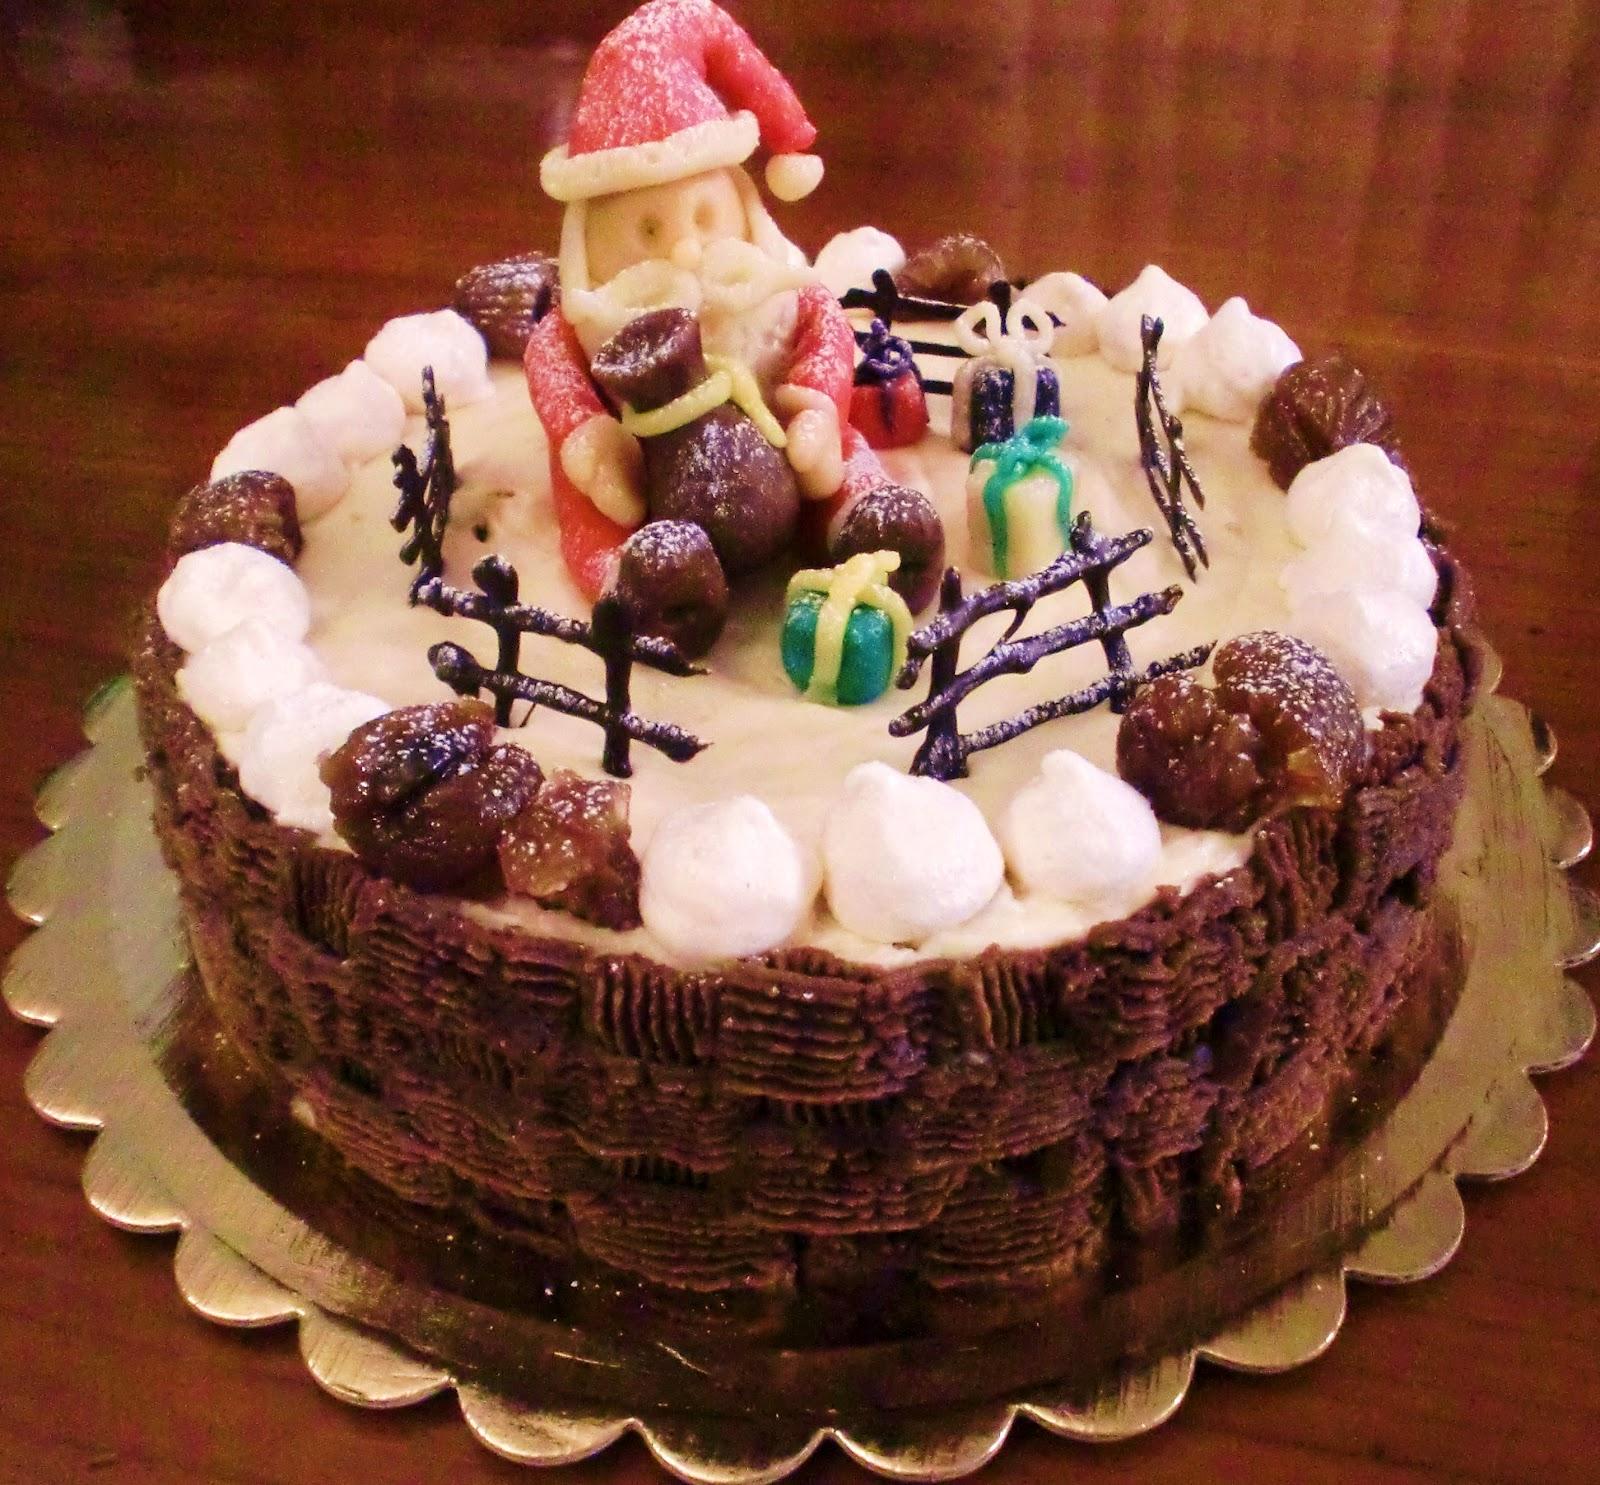 La seconda torta di silvia per il contest di montersino - Torte natalizie decorate ...